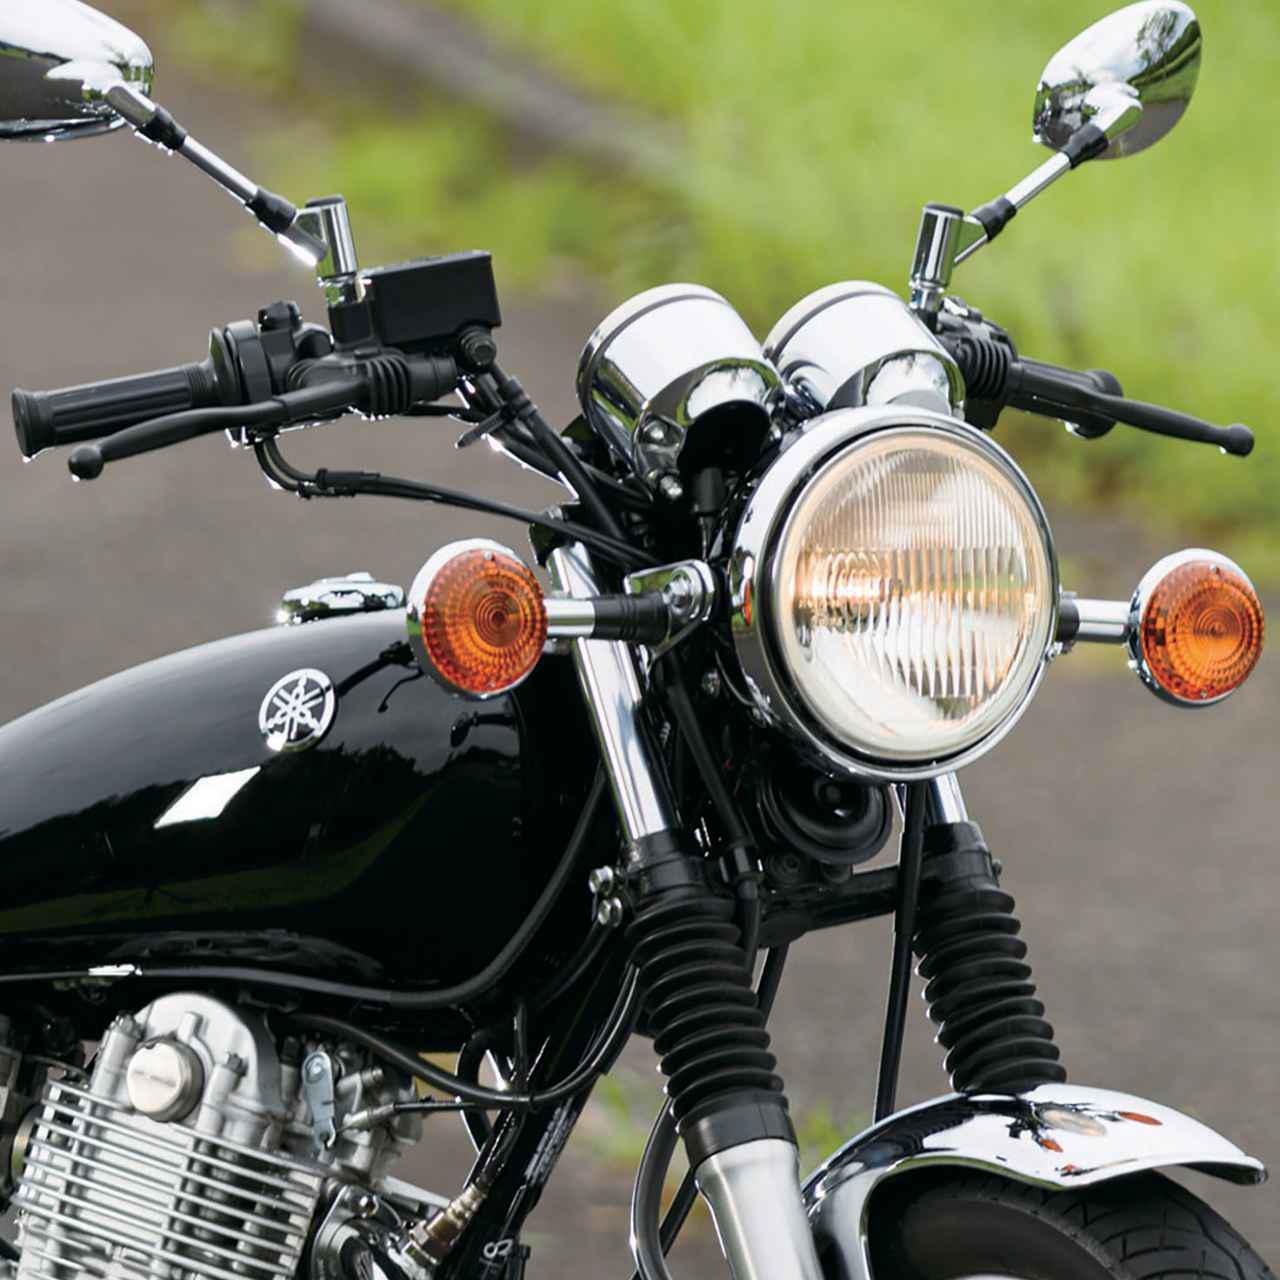 画像: ヤマハ「SR400」ヒストリーガイド【名車の歴史】- webオートバイ